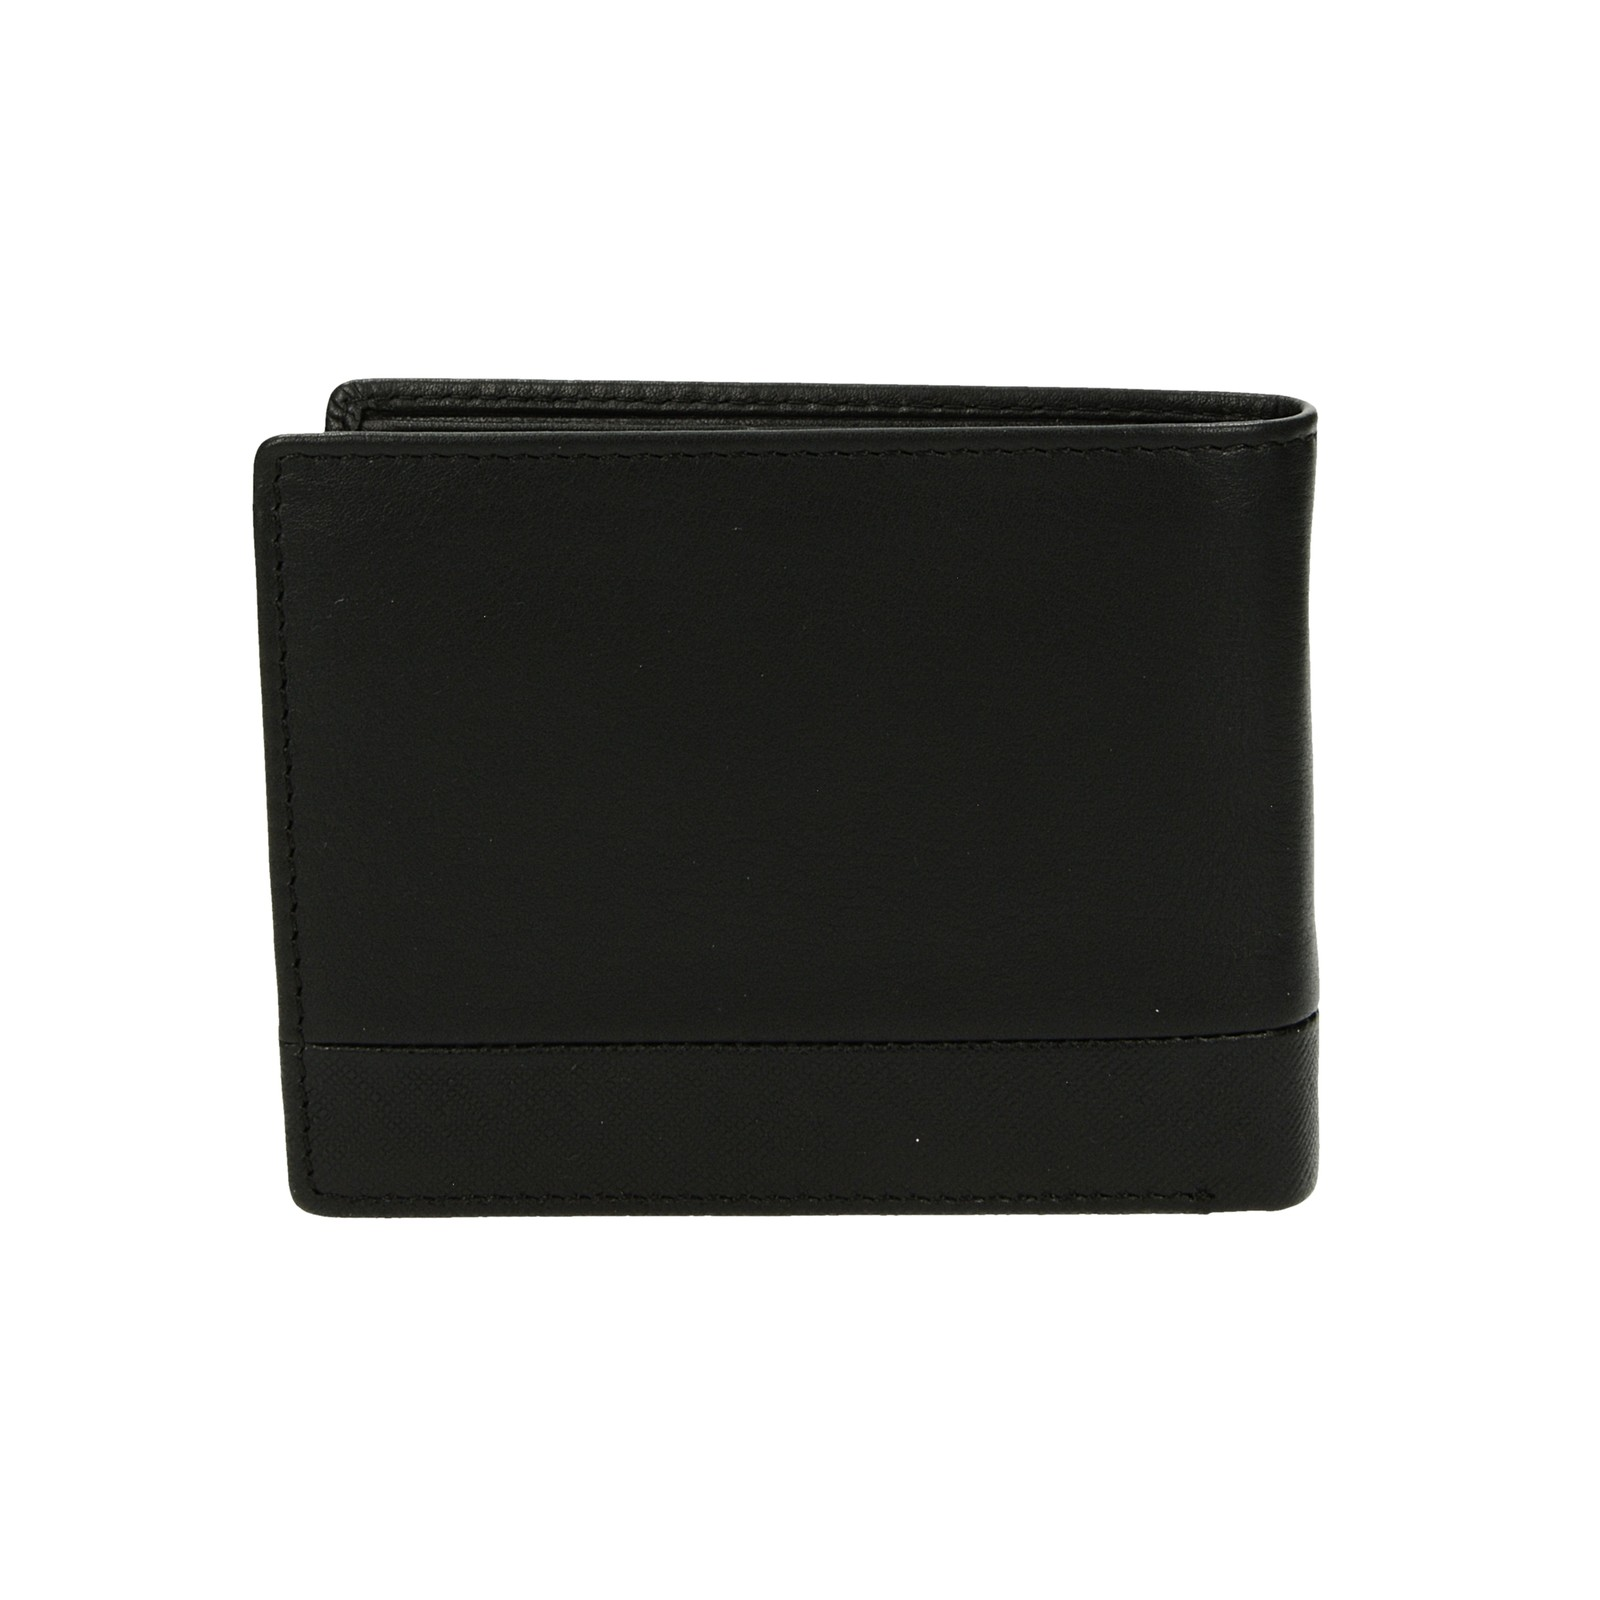 Metropoli pánská kožená peněženka - černá